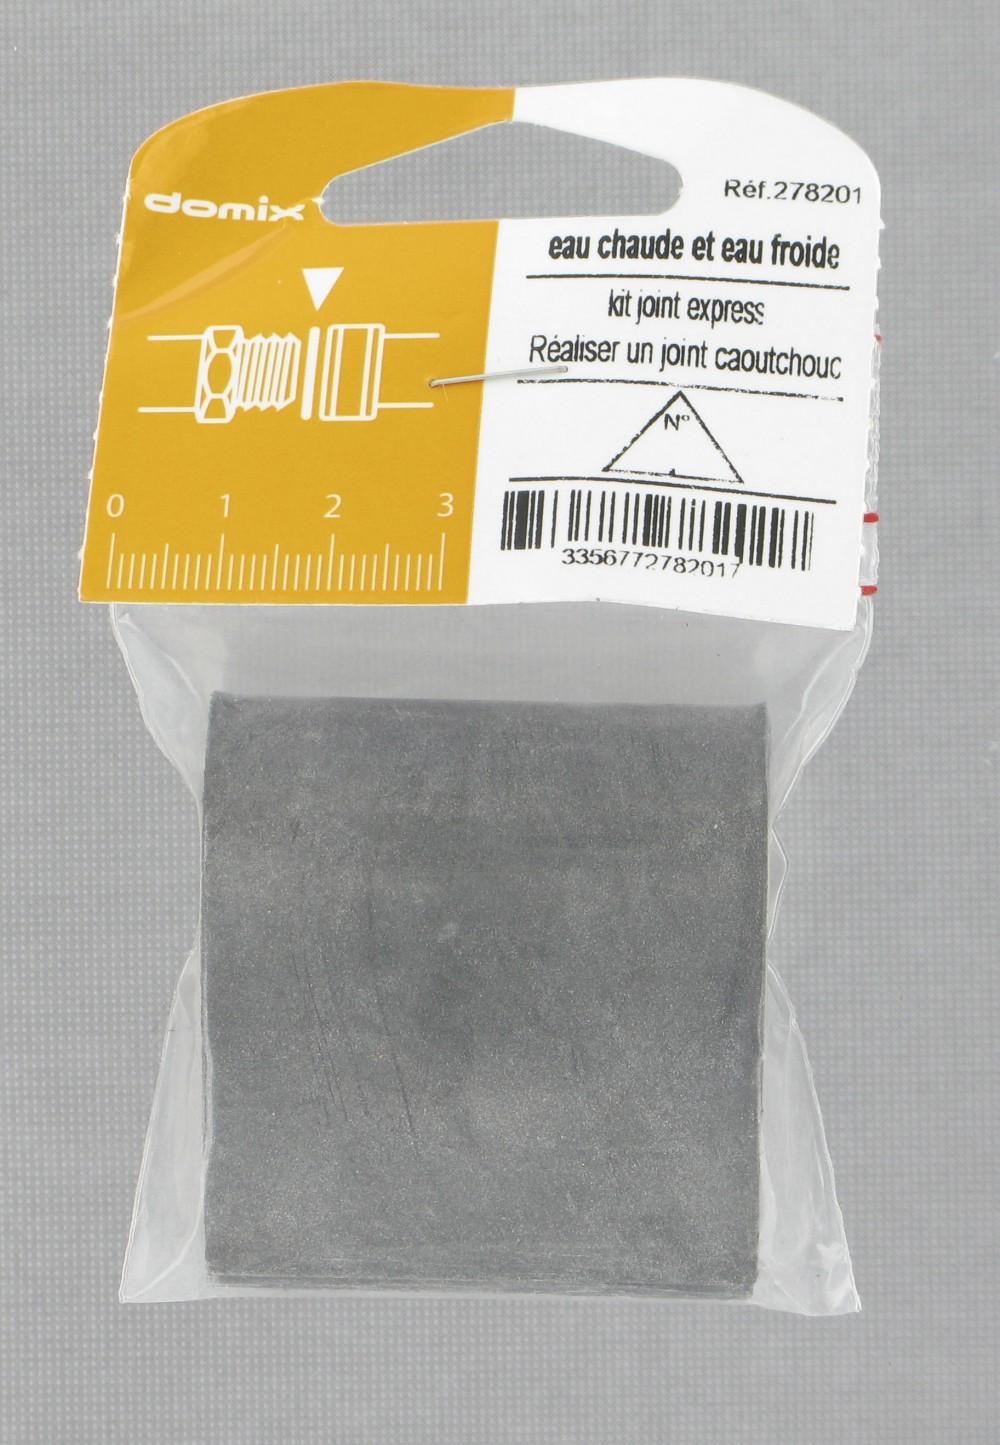 Kit pour joints caoutchouc COMAP